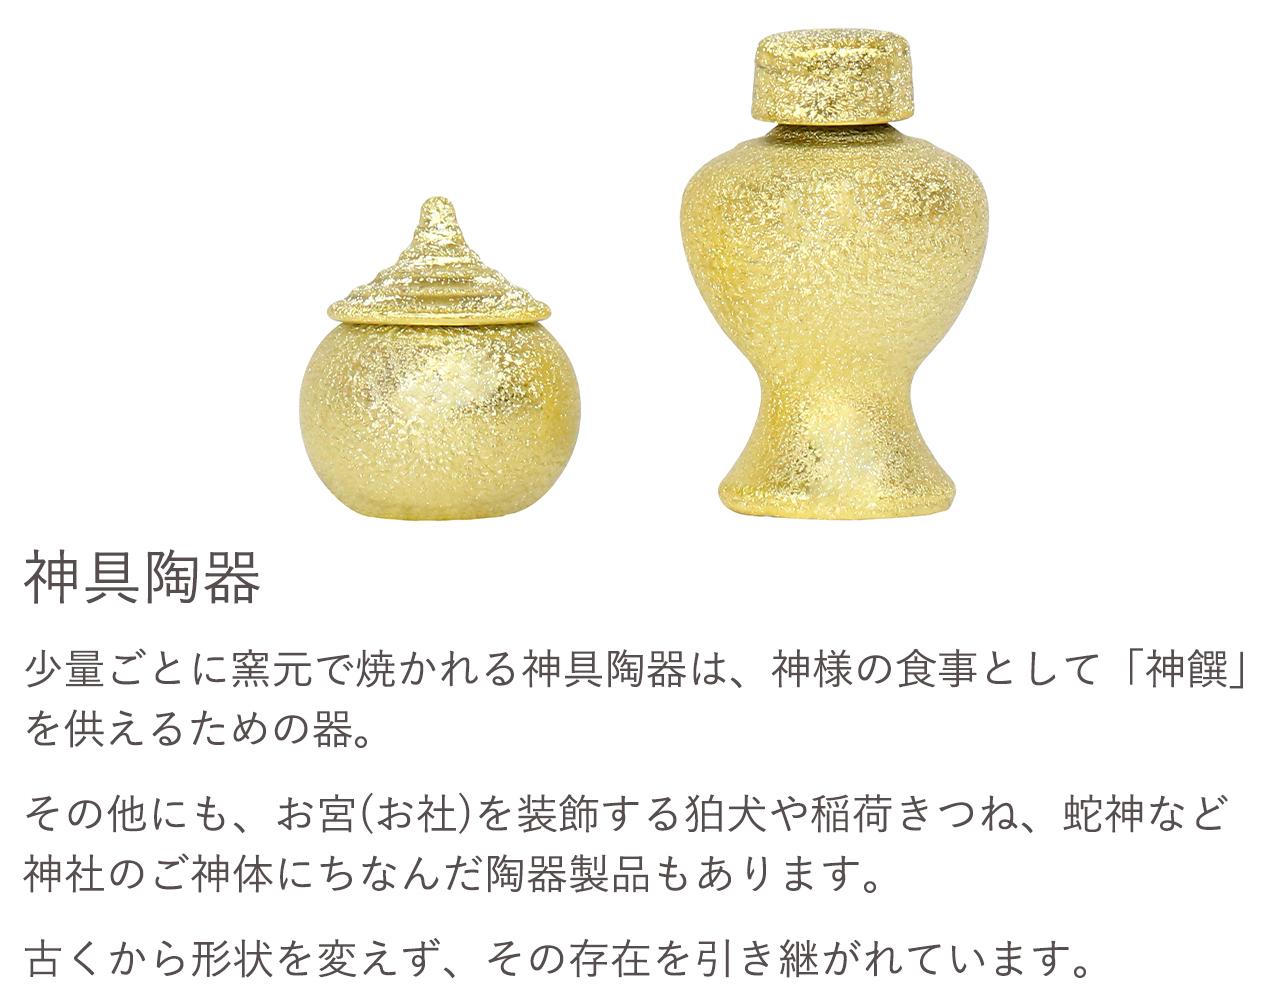 神具陶器。少量ごとに窯元で焼かれる神具陶器は、神様の食事として「神饌」を供えるための器。その他にも、お宮(お社)を装飾する狛犬や稲荷きつね、蛇神など神社のご神体にちなんだ陶器製品もあります。古くから形状を変えず、その存在を引き継がれています。